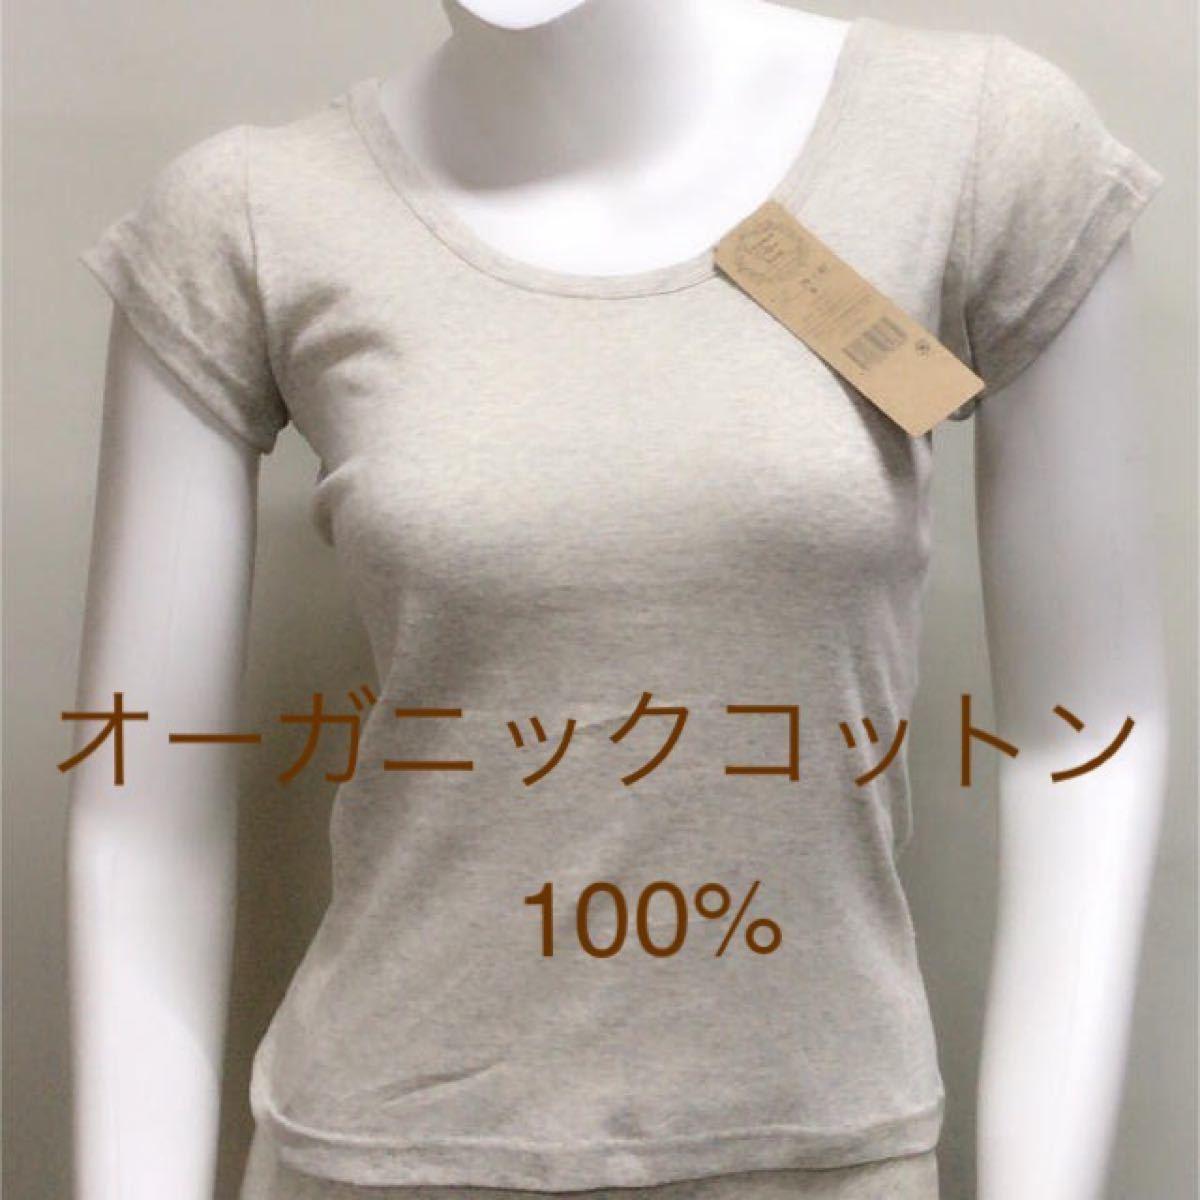 【くろくま様専用】オーガニックコットン【綿100%】 半袖シャツ & キャミソール &ショーツ セット